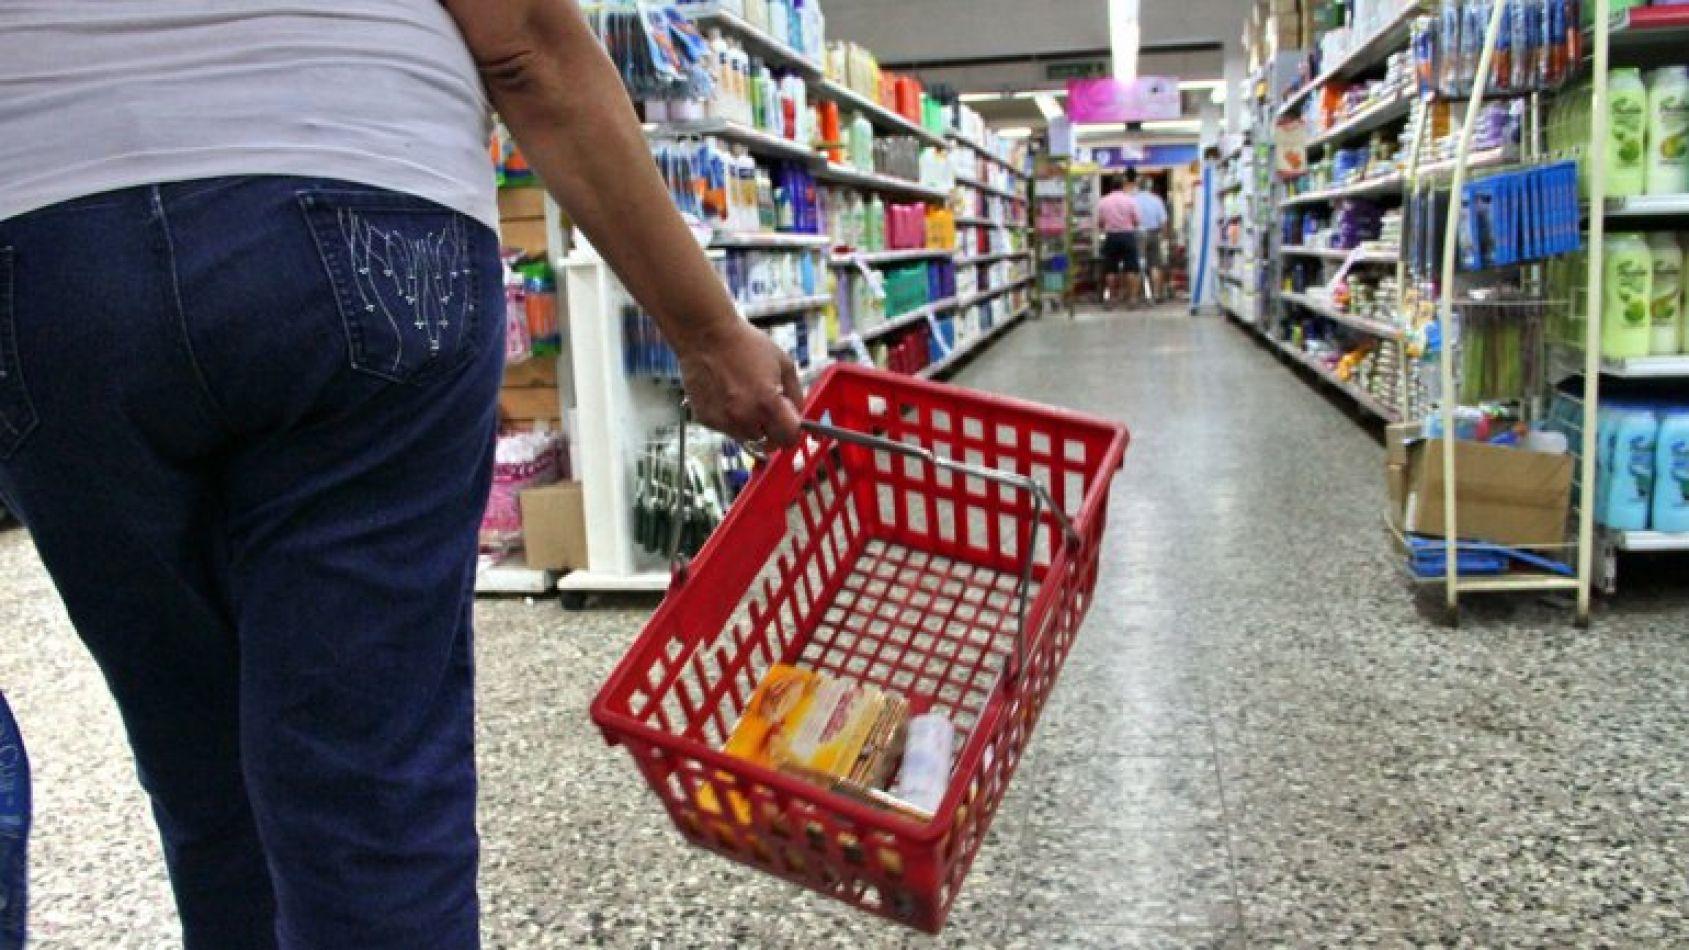 Productos de consumo masivo subieron hasta un 29 por ciento luego de las PASO